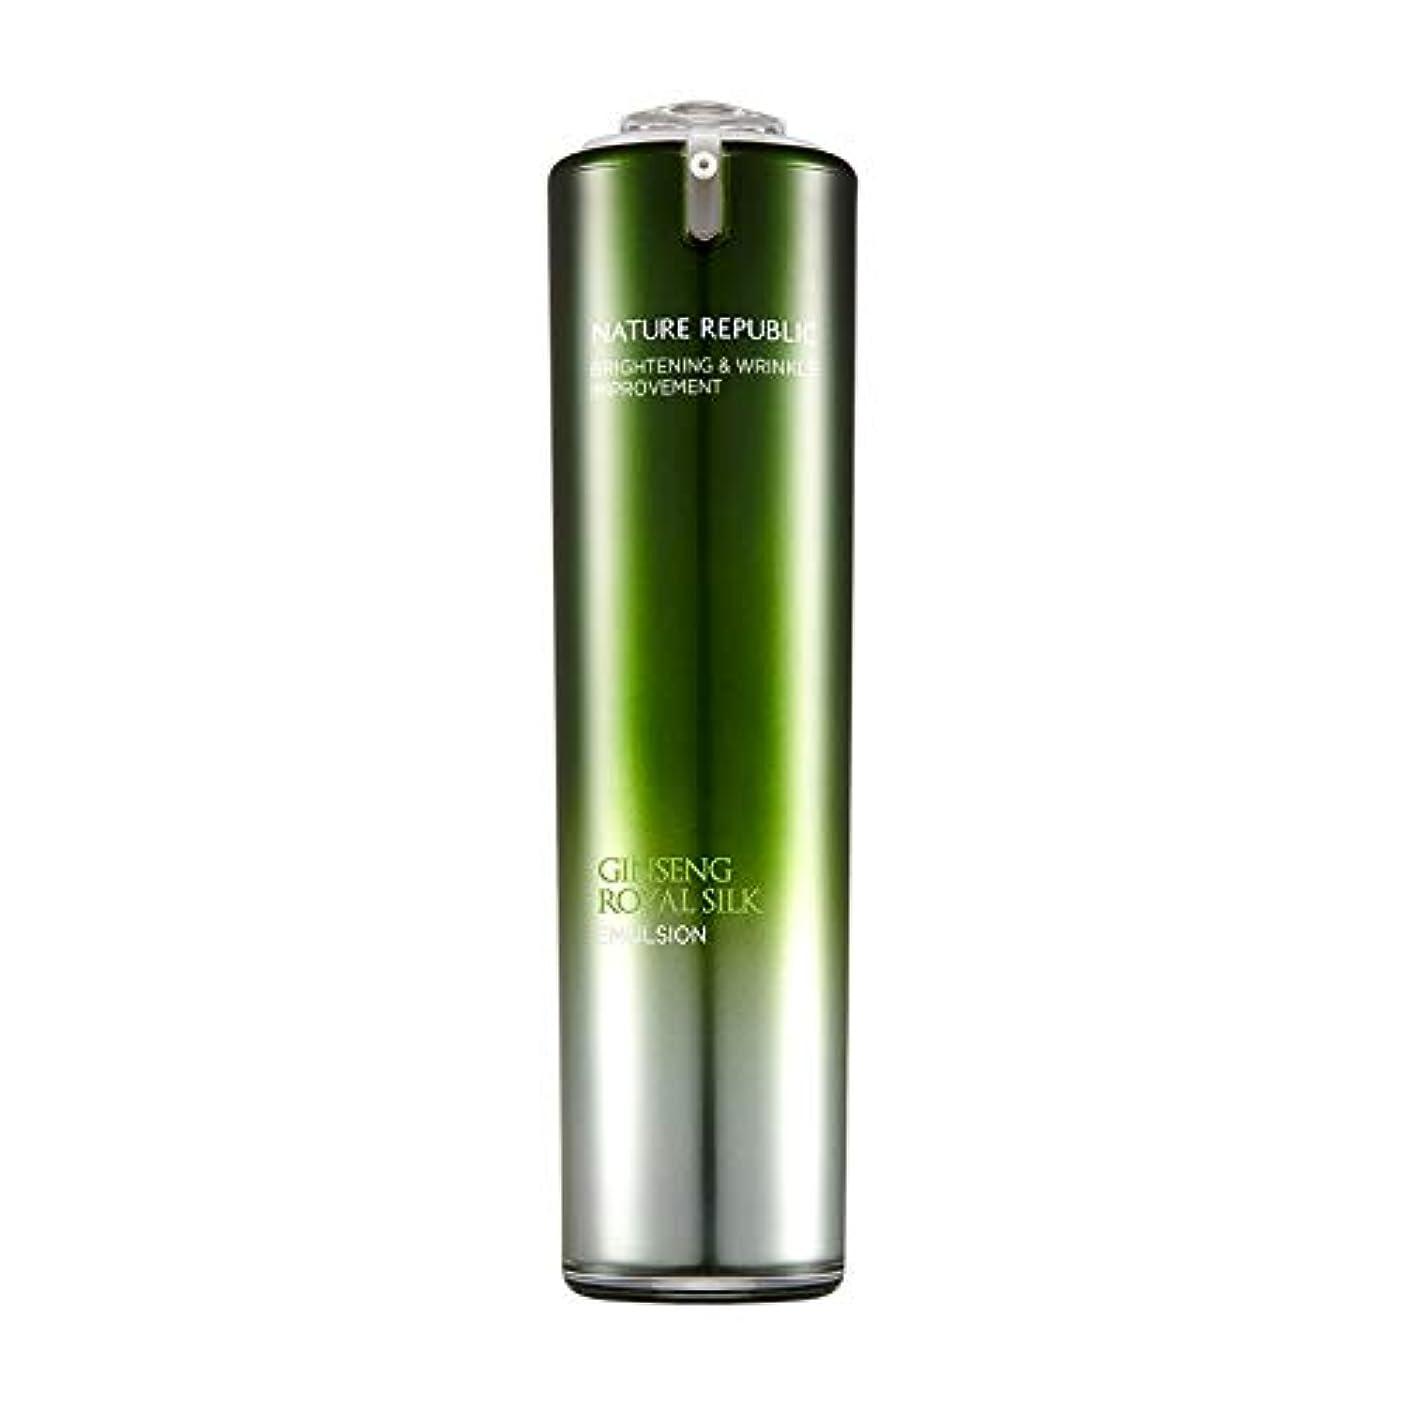 選ぶ尋ねるスポットネイチャーリパブリック(Nature Republic)ジンセンロイヤルシルクエマルジョン 120ml / Ginseng Royal Silk Emulsion 120ml :: 韓国コスメ [並行輸入品]